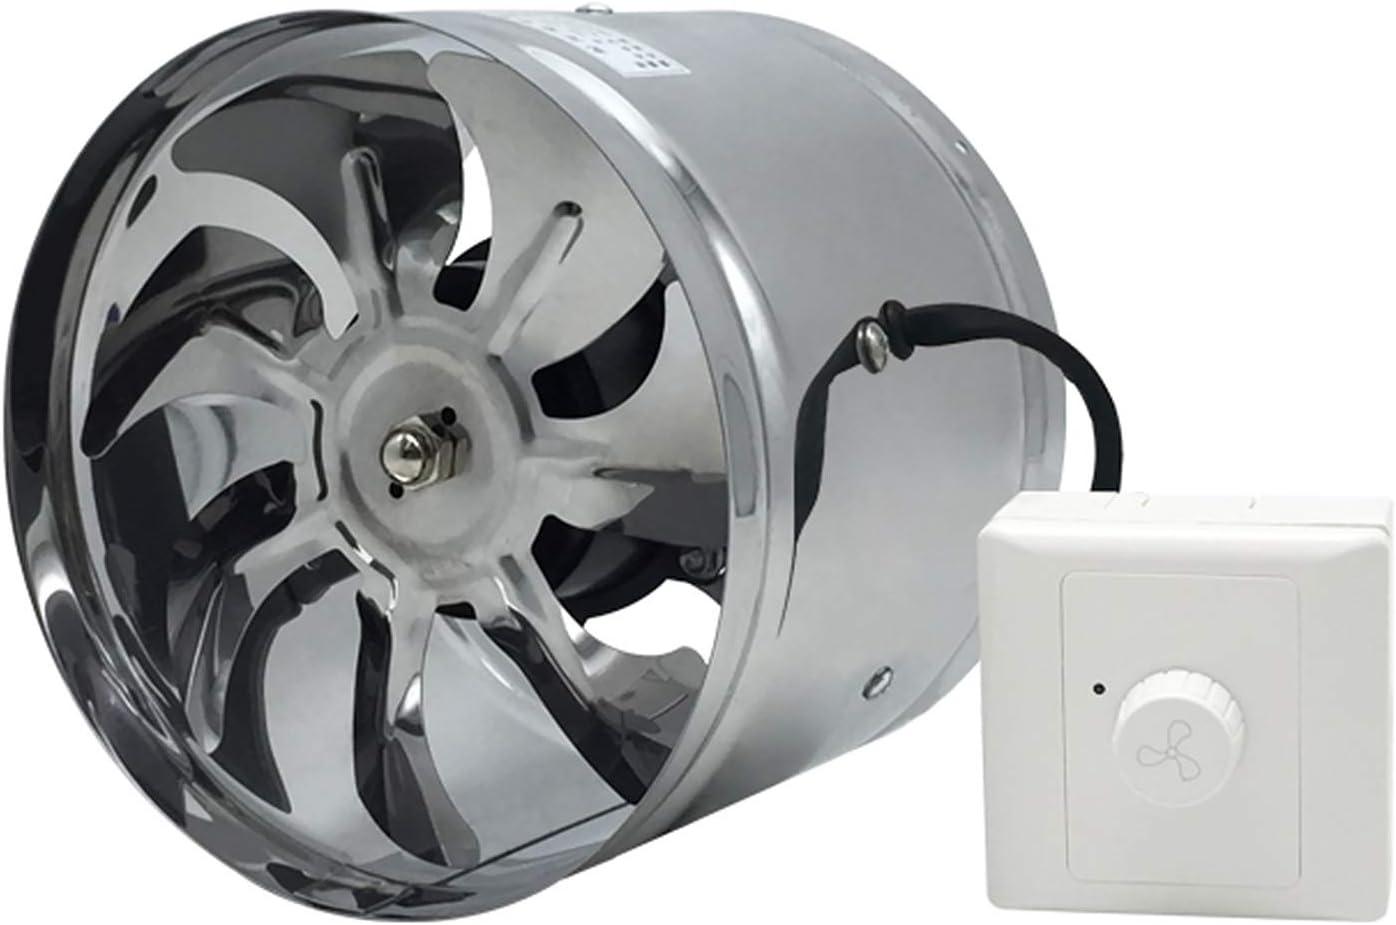 MEILINL Ventilador Extractor,Inline Ventilador De Ventilación De Conducto Silencioso 5 Tamaños A Elegir 150, 170, 195, 250, 300 Mm para Baño Inodoro Oficina,8